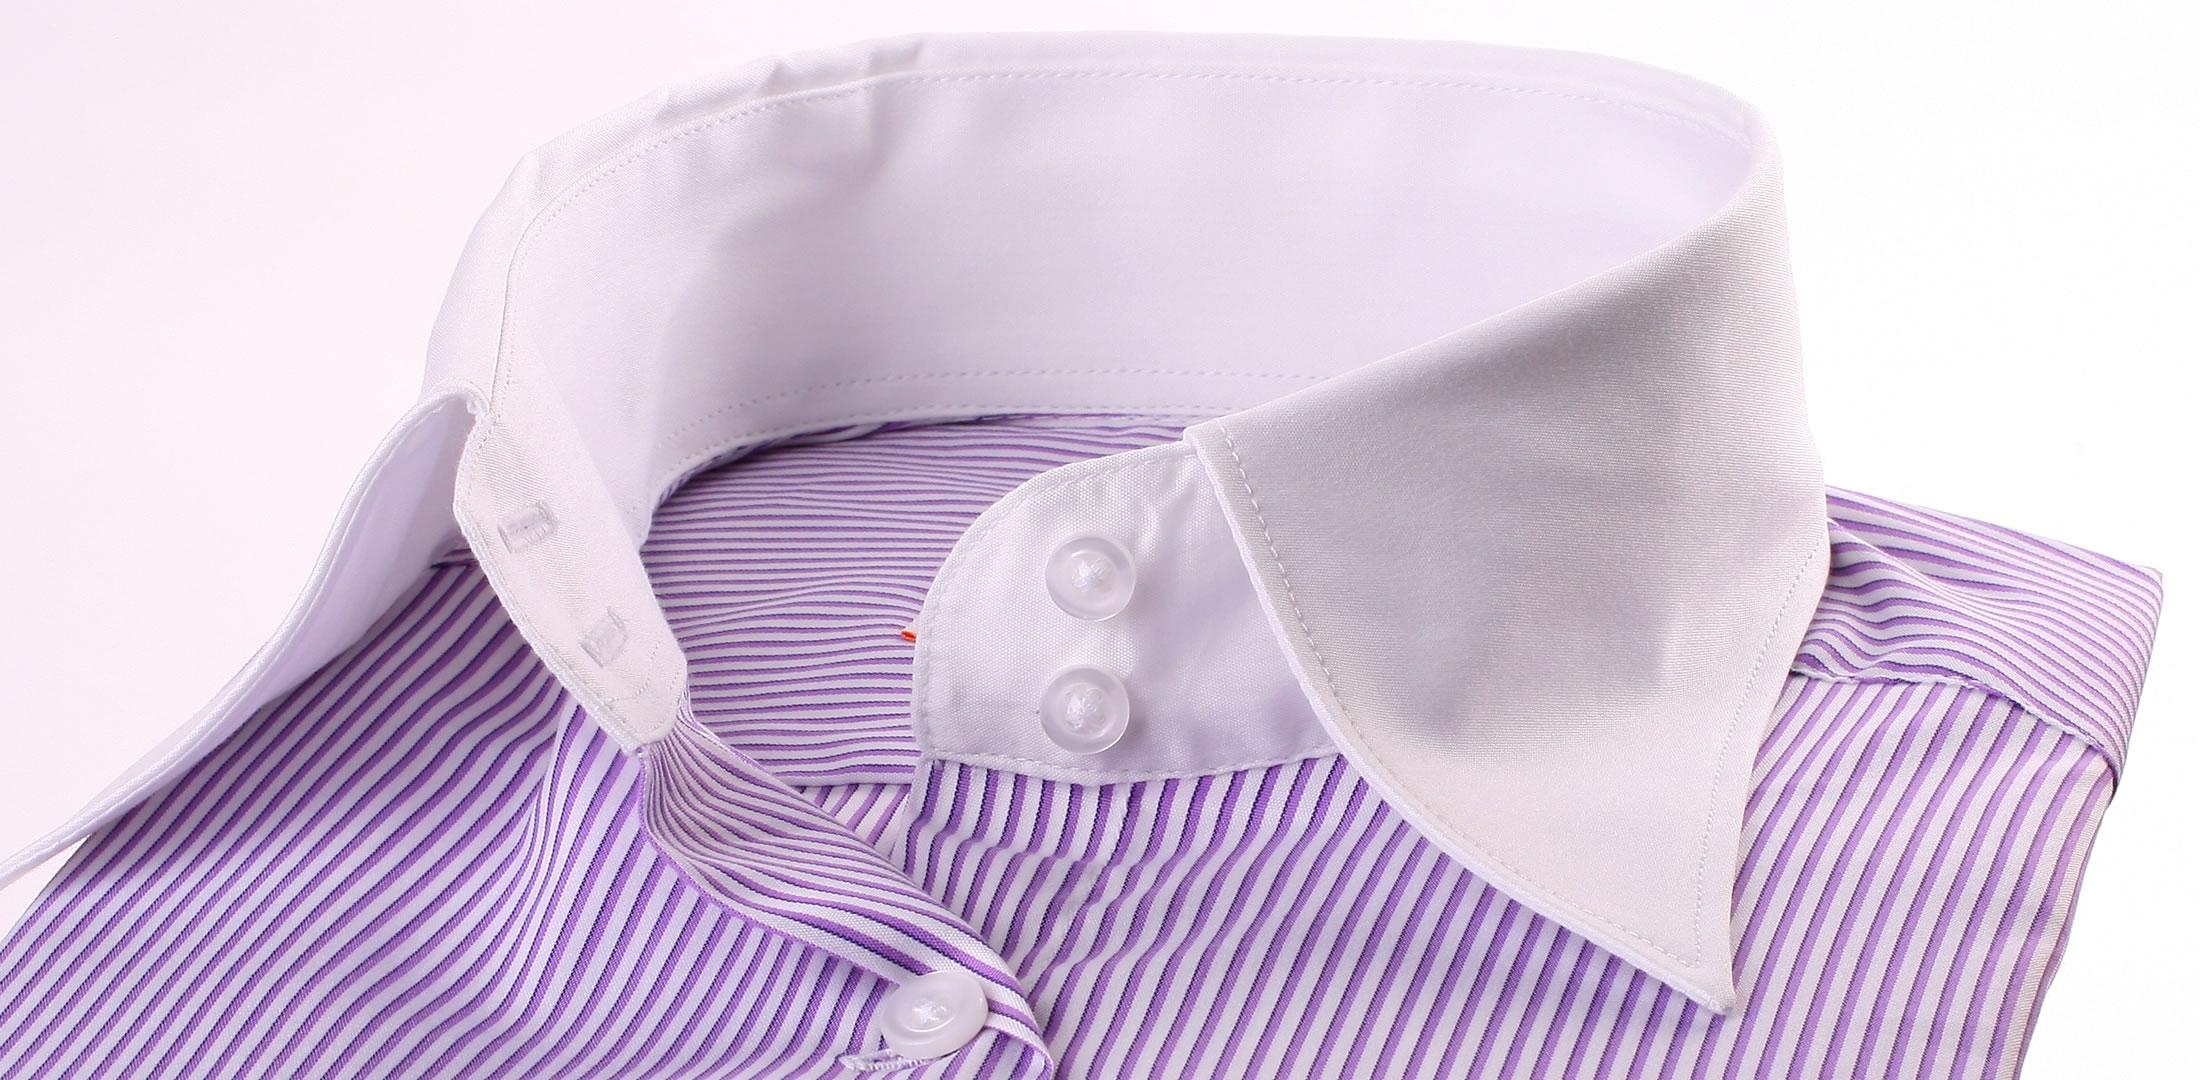 lila und wei en streifen bluse wei em kragen und manschetten. Black Bedroom Furniture Sets. Home Design Ideas